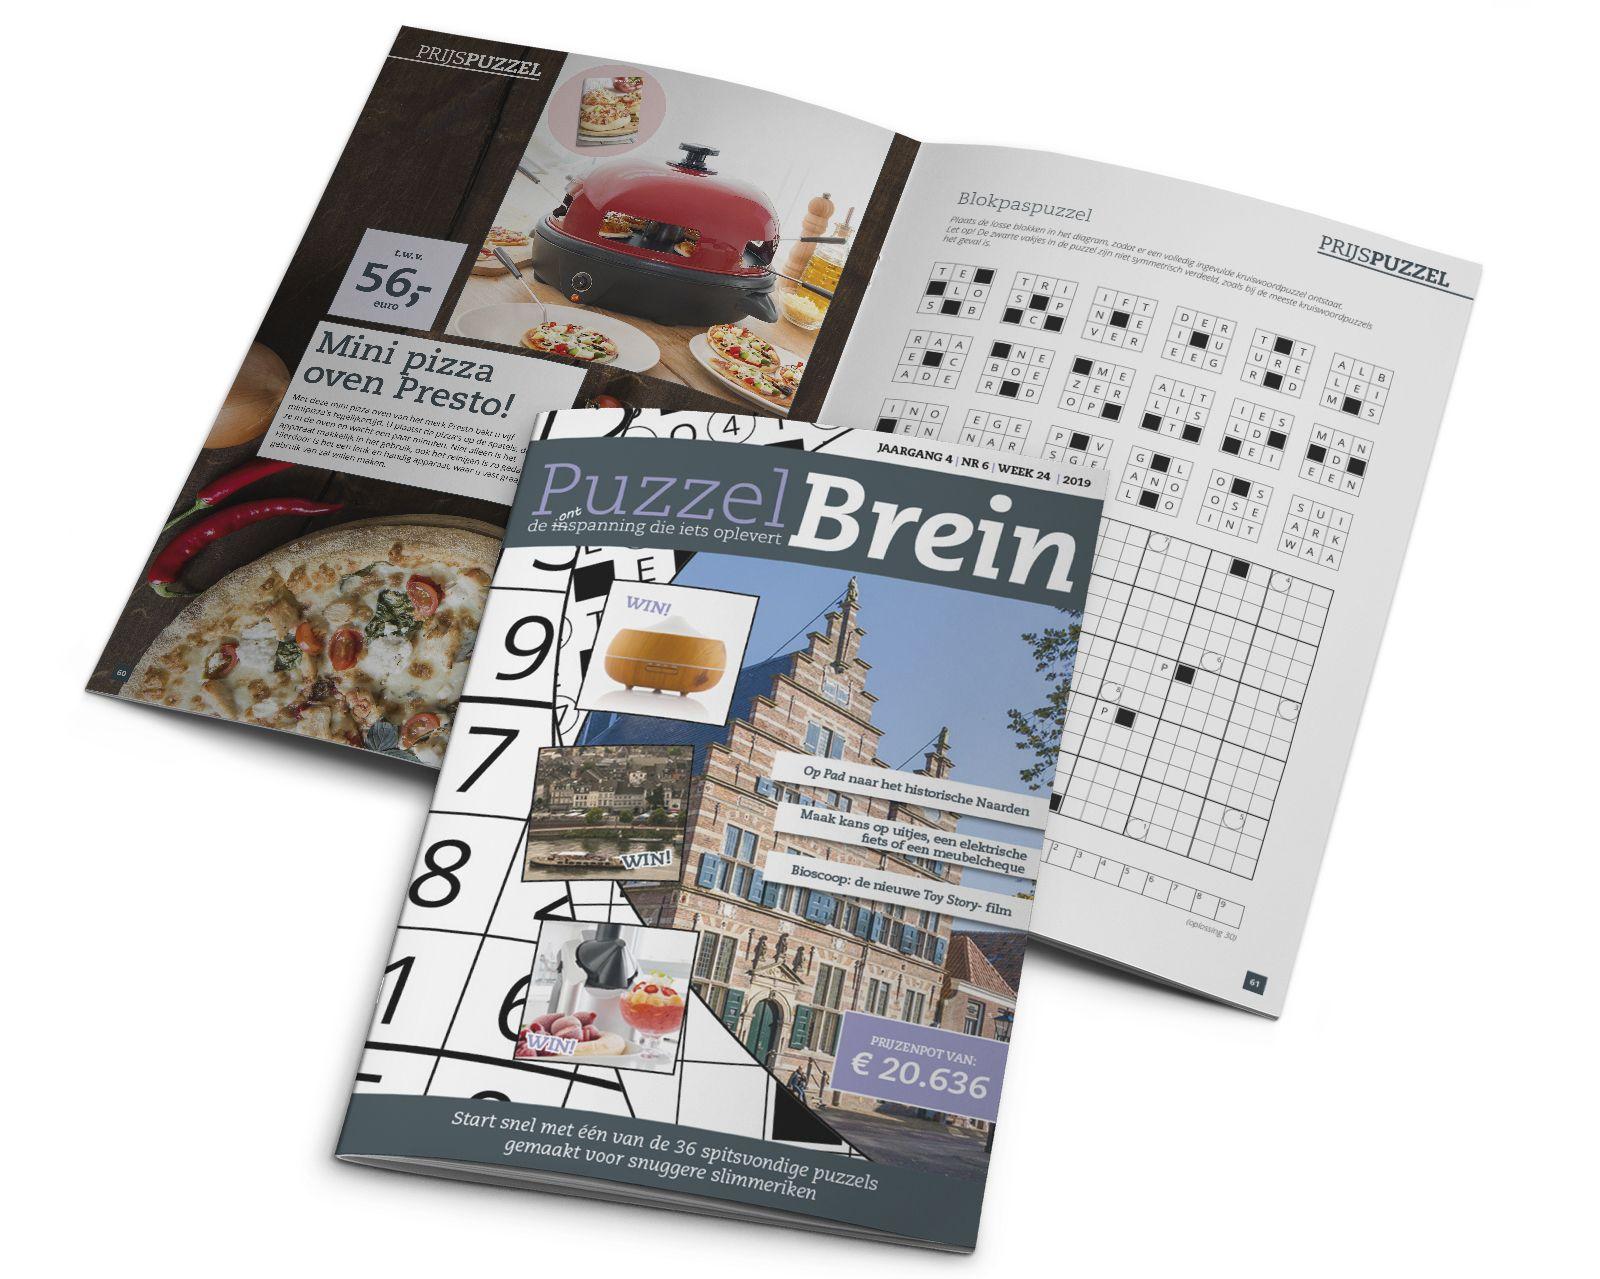 Gratis puzzelbrein boek twv €11.60